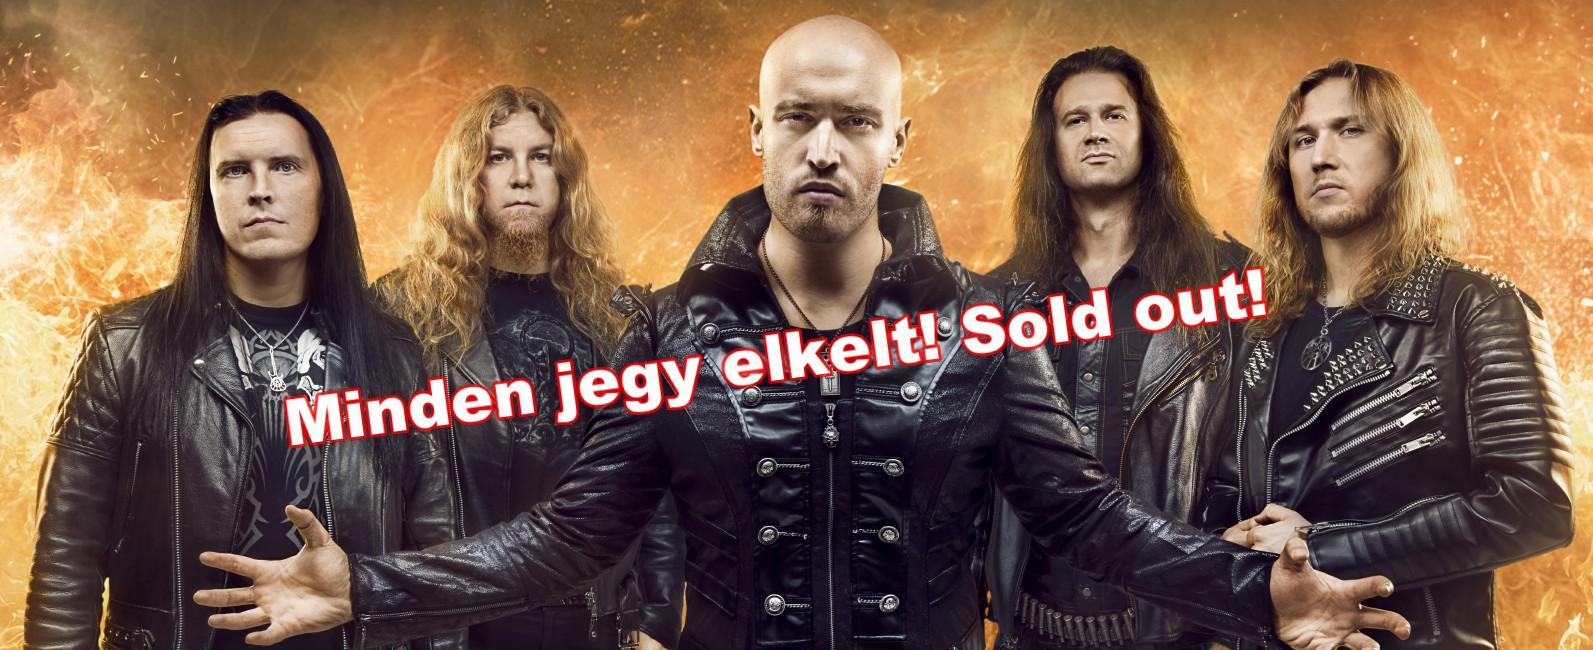 2019_BIB_2crop_sold out